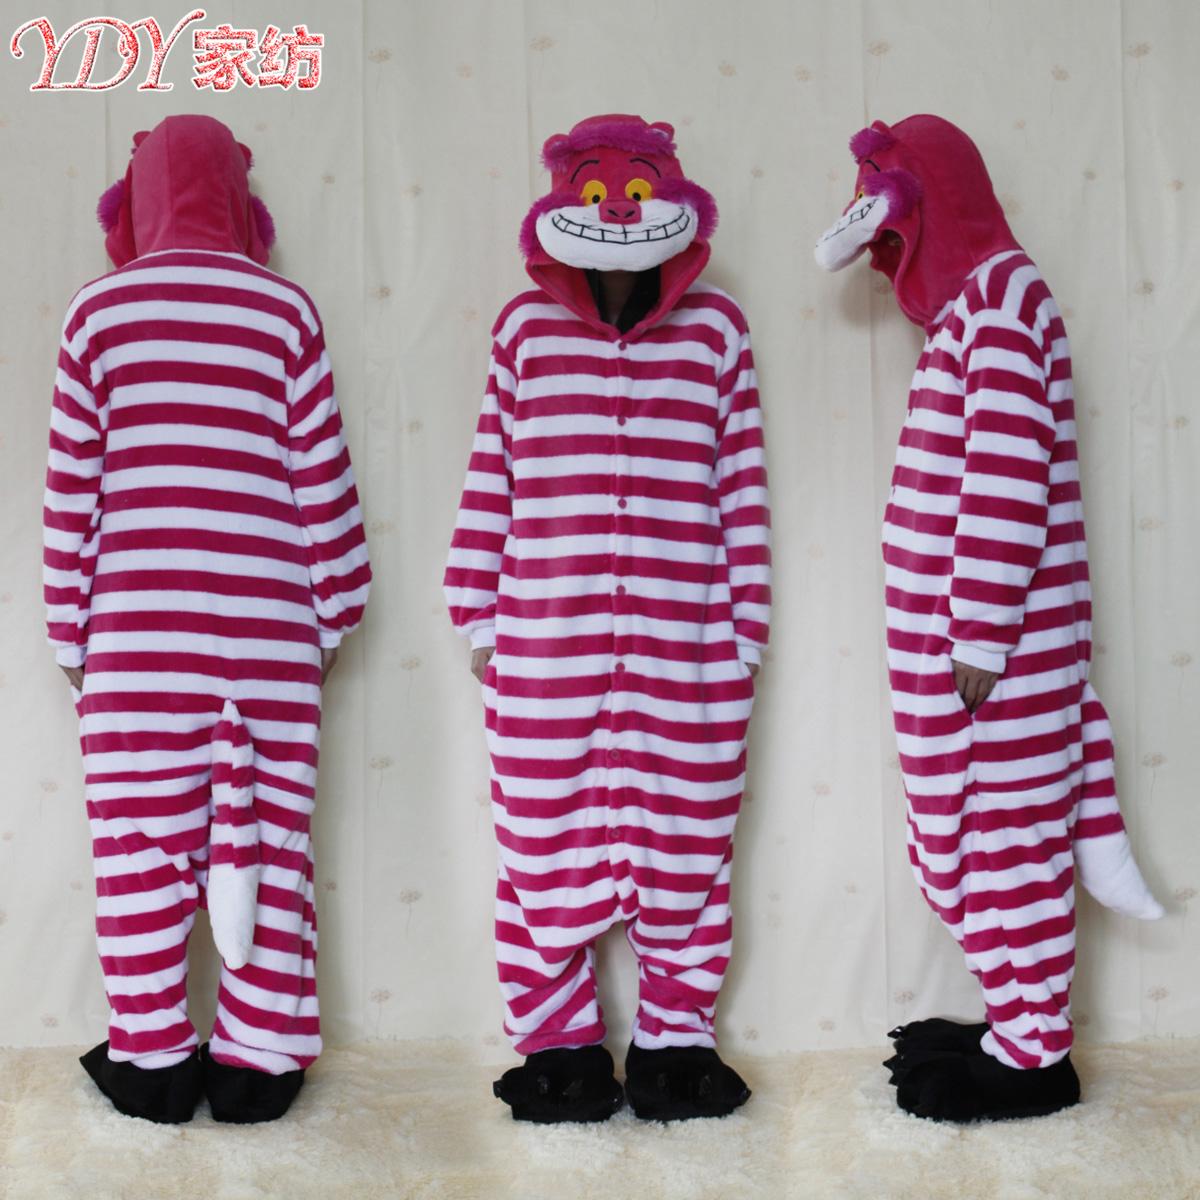 Фабрика прямые оптовые Чеширский Кот плюс размер цельных пижамы зима мультфильм животных шоу участник одежда экспорт